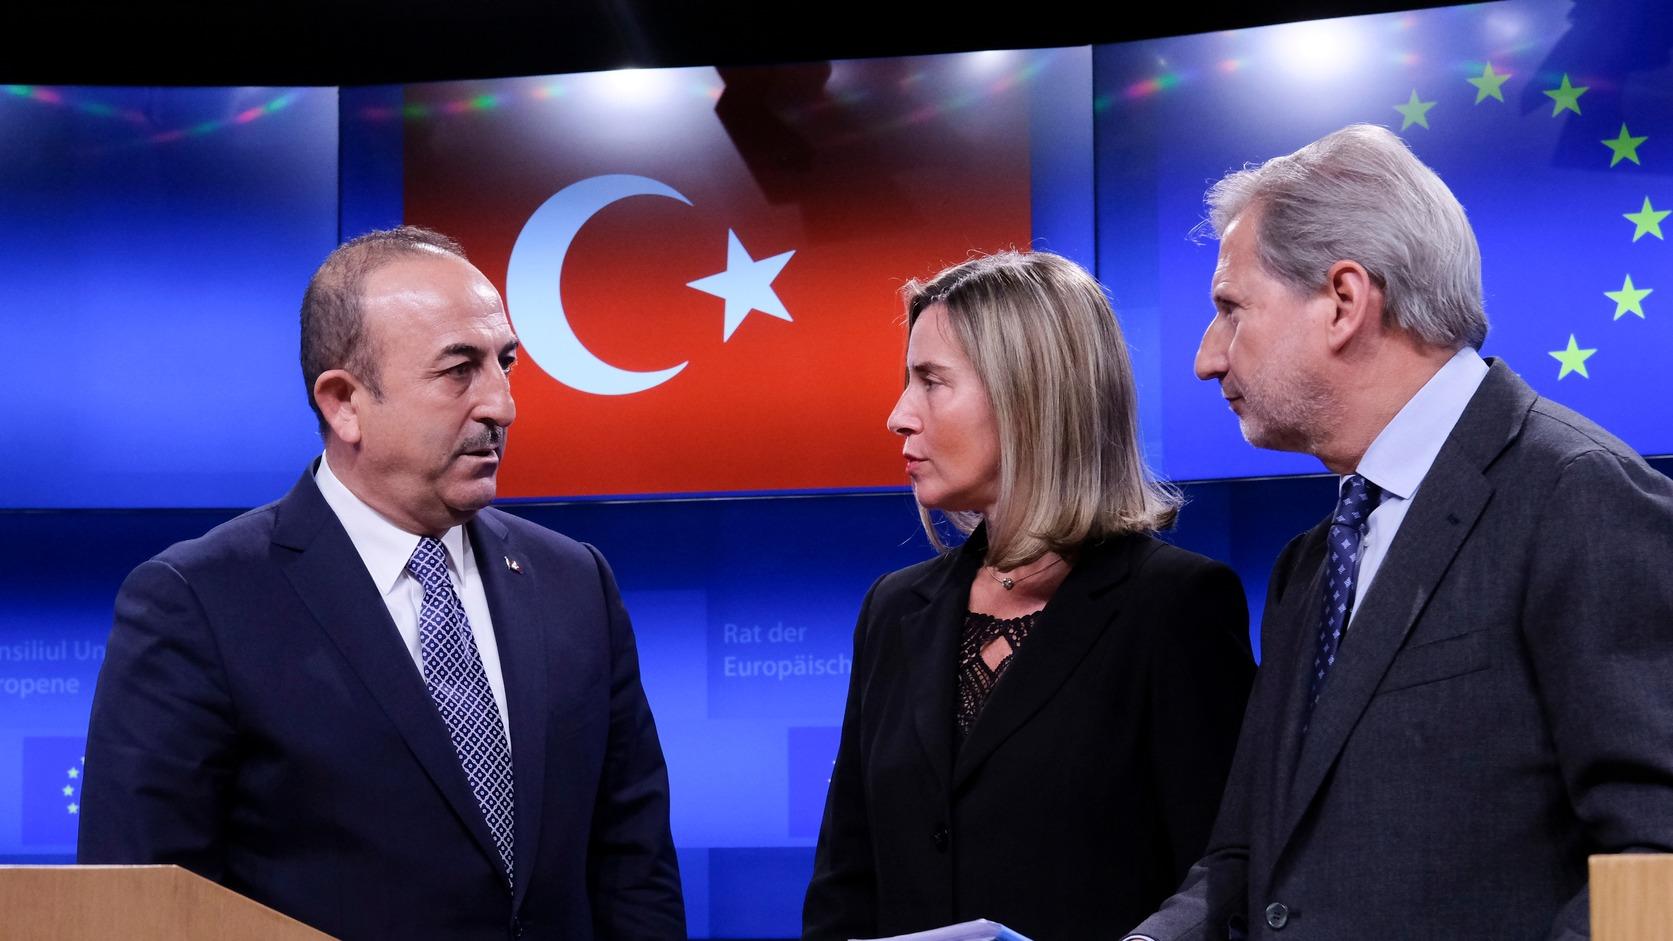 Mevlüt Cavusoglu török külügyminiszter, Federica Mogherini, az EU kül- és biztonságpolitikai főmegbízottja és Johannes Hahn, az Európai Bizottságnak az európai szomszédságpolitikáért és az EU-csatlakozási tárgyalásokért felelős tagja (b-j) az Európai Unió-Törökország Társulási Tanács ülésén Brüsszelben 2019. március 15-én. MTI/EPA/Olivier Hoslet